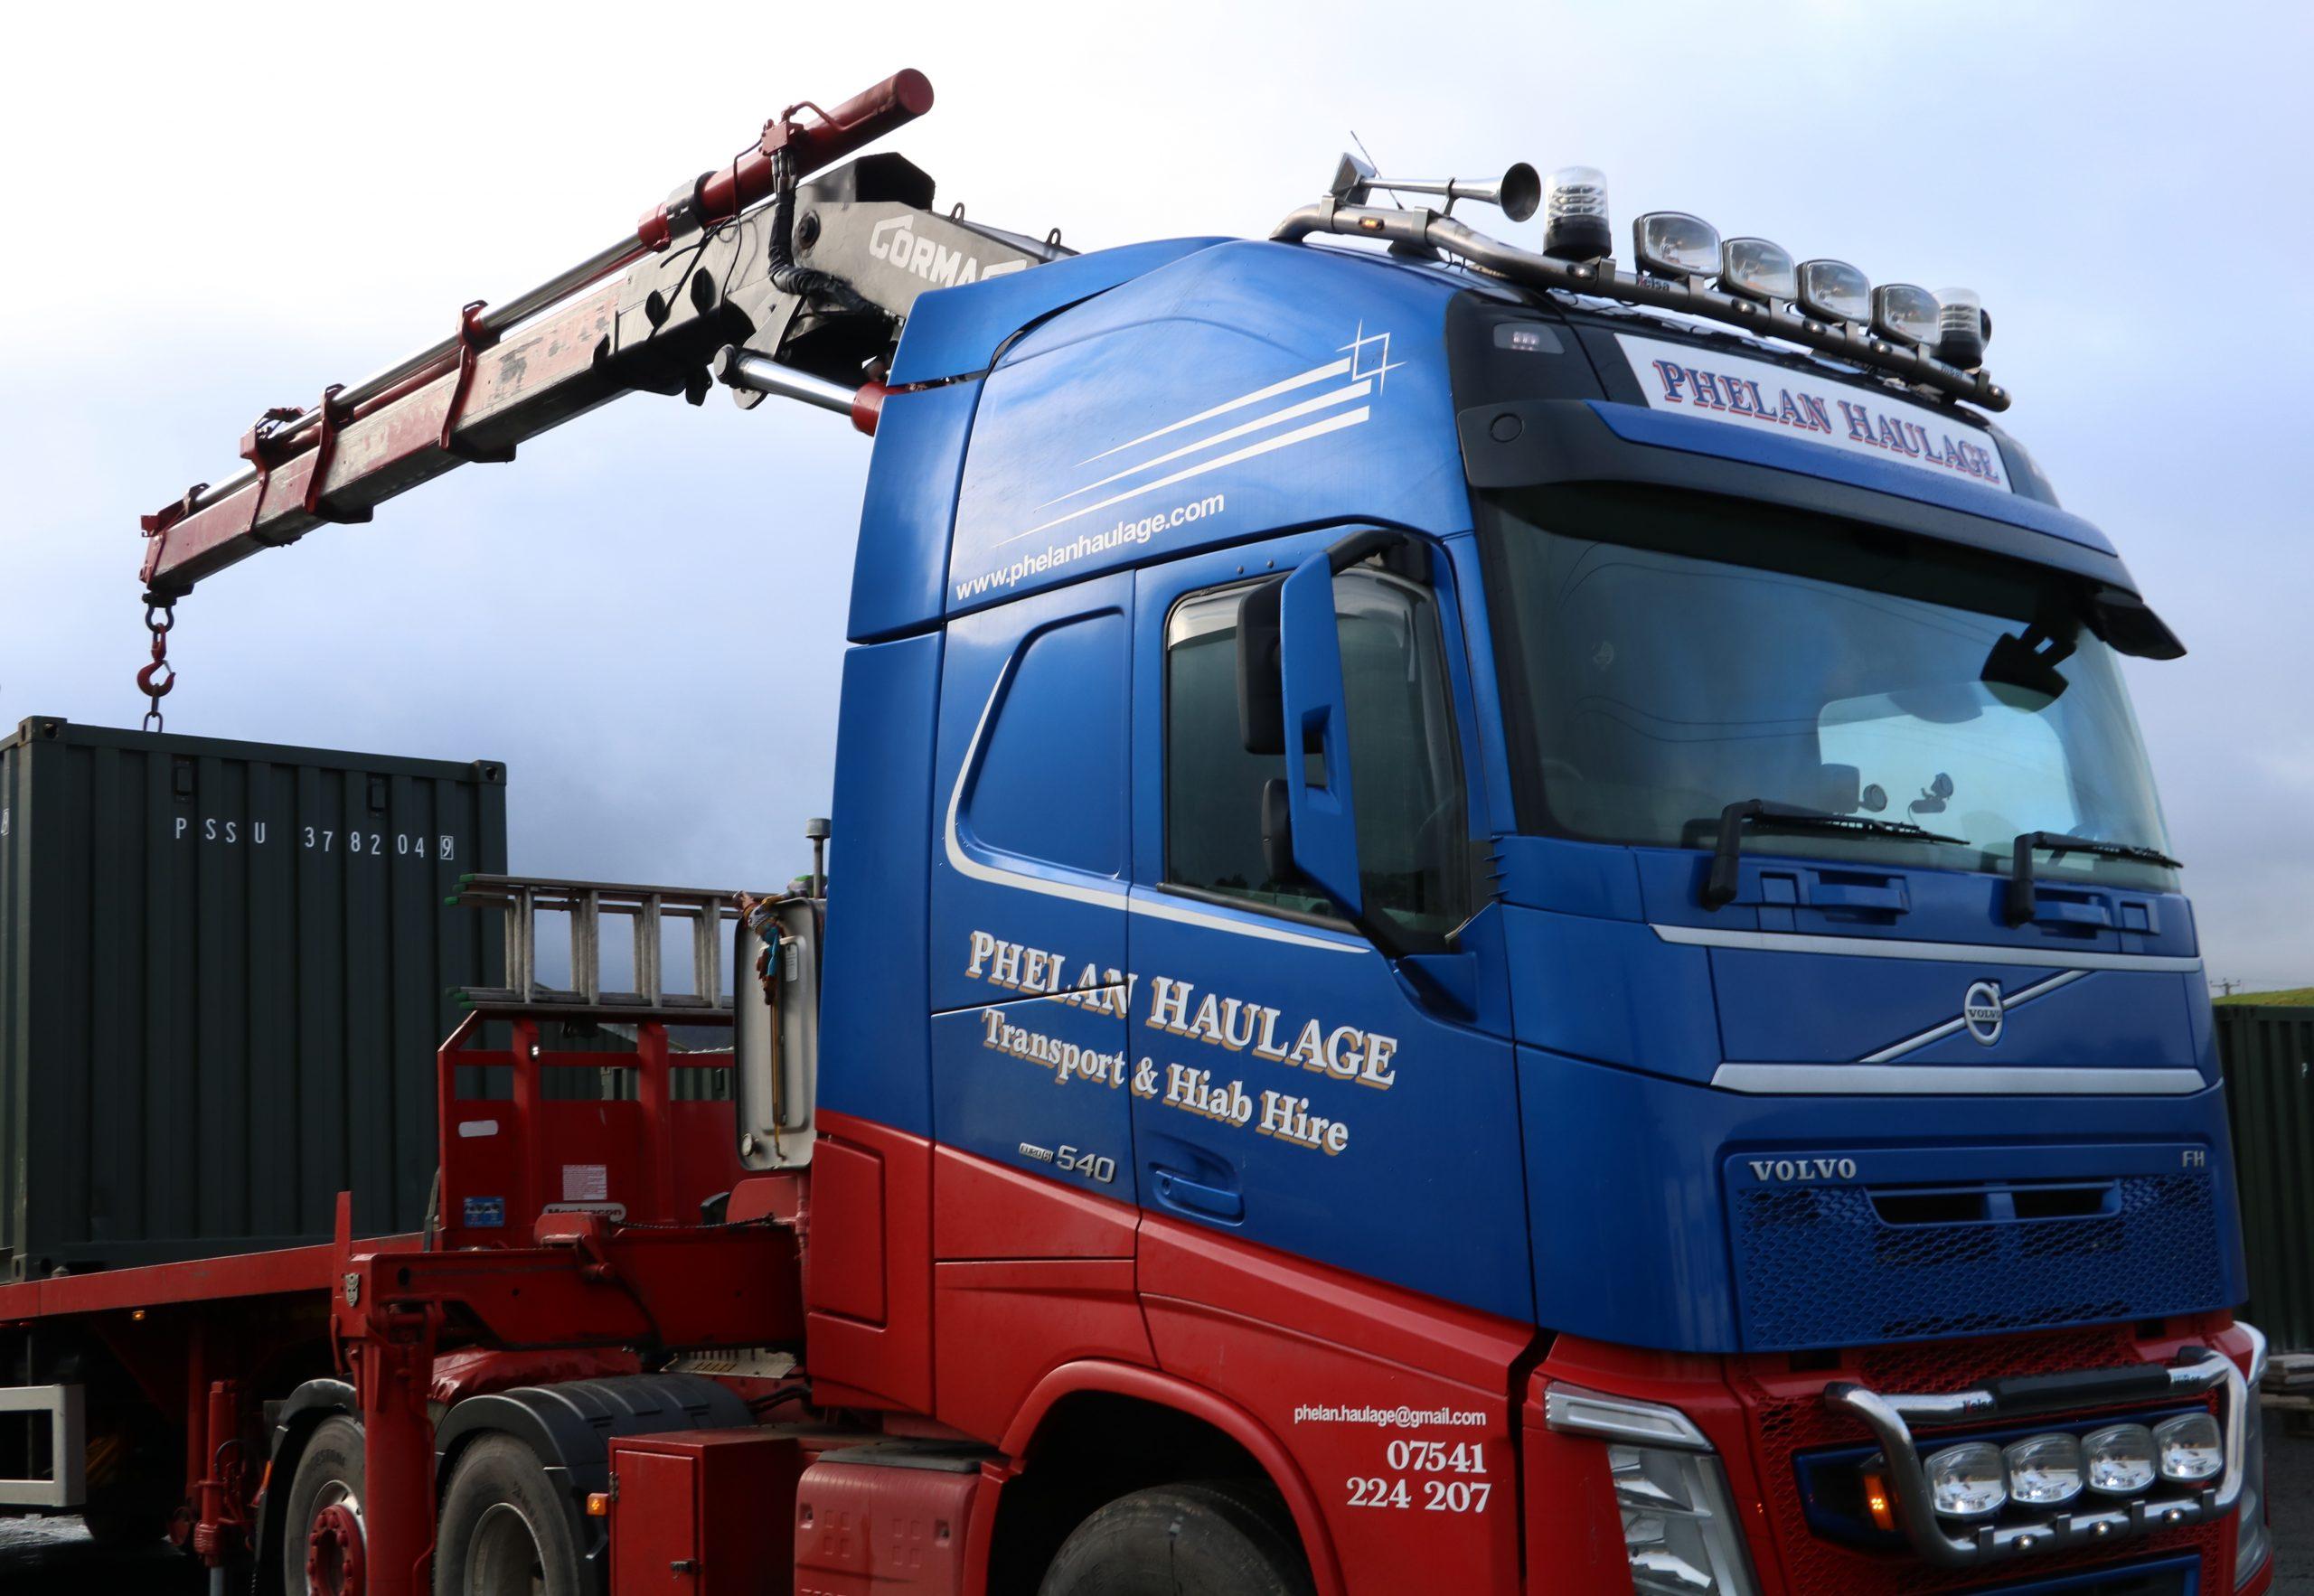 phelan_haulage_hiab_truck45